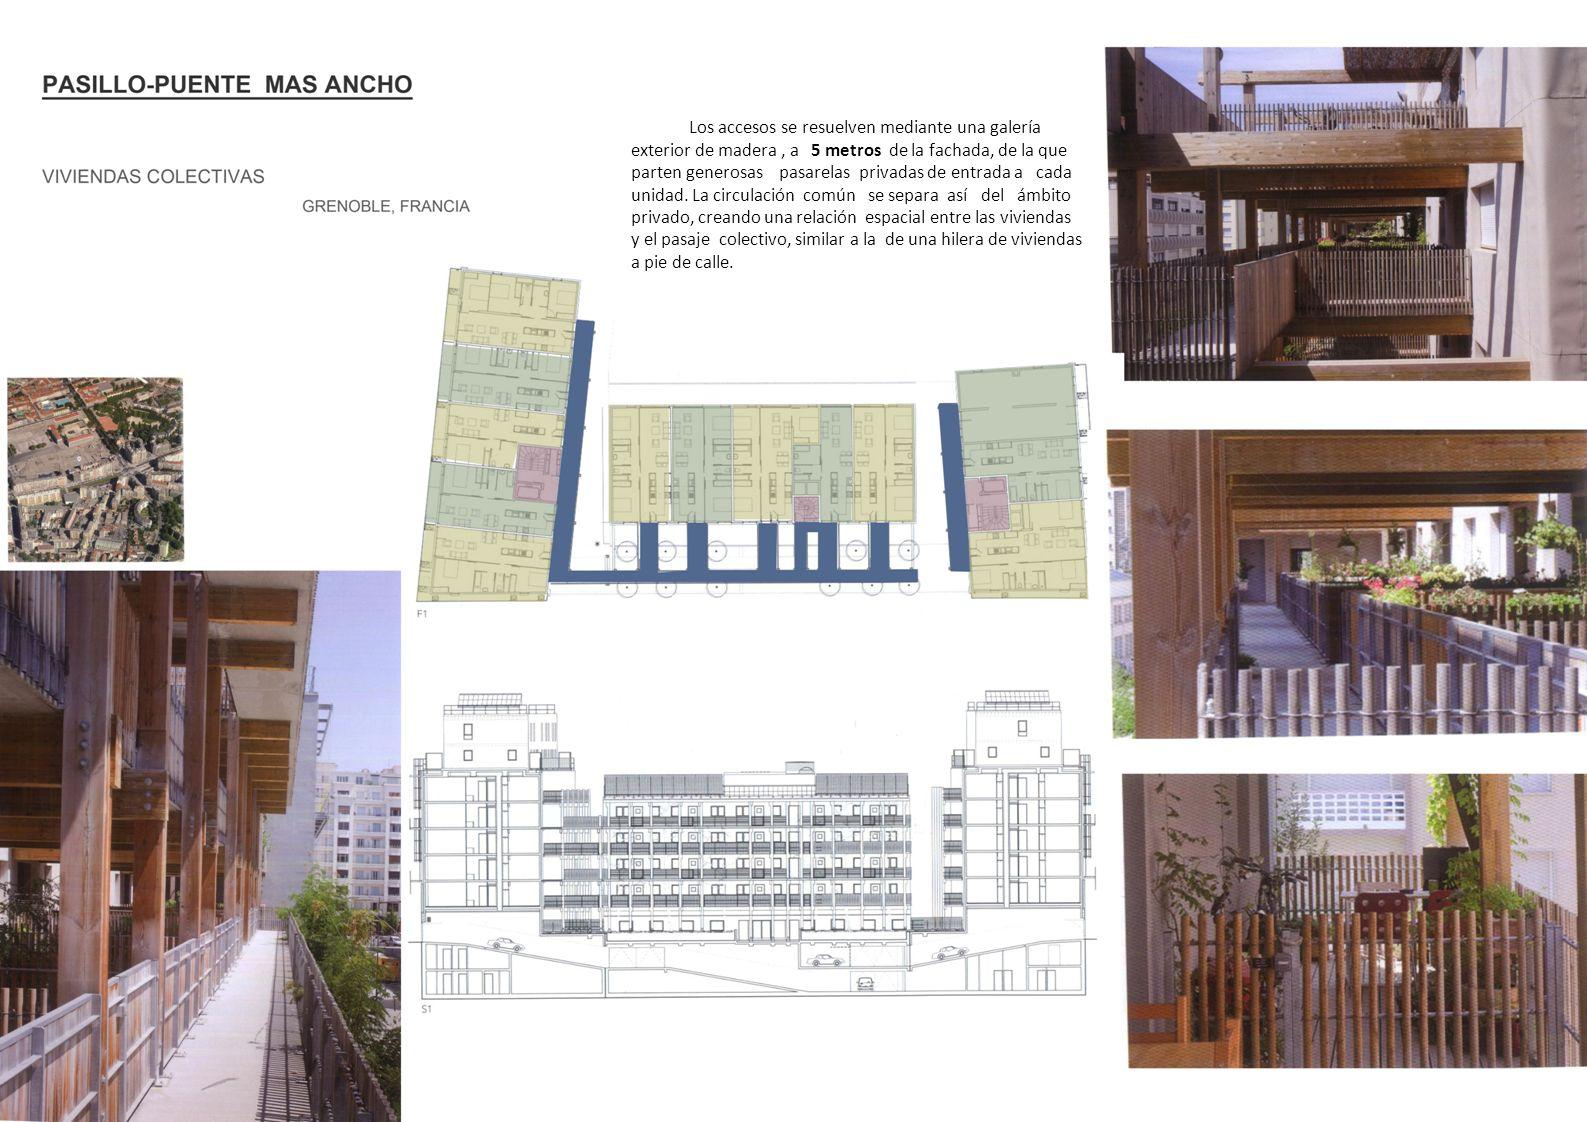 Los accesos se resuelven mediante una galería exterior de madera, a 5 metros de la fachada, de la que parten generosas pasarelas privadas de entrada a